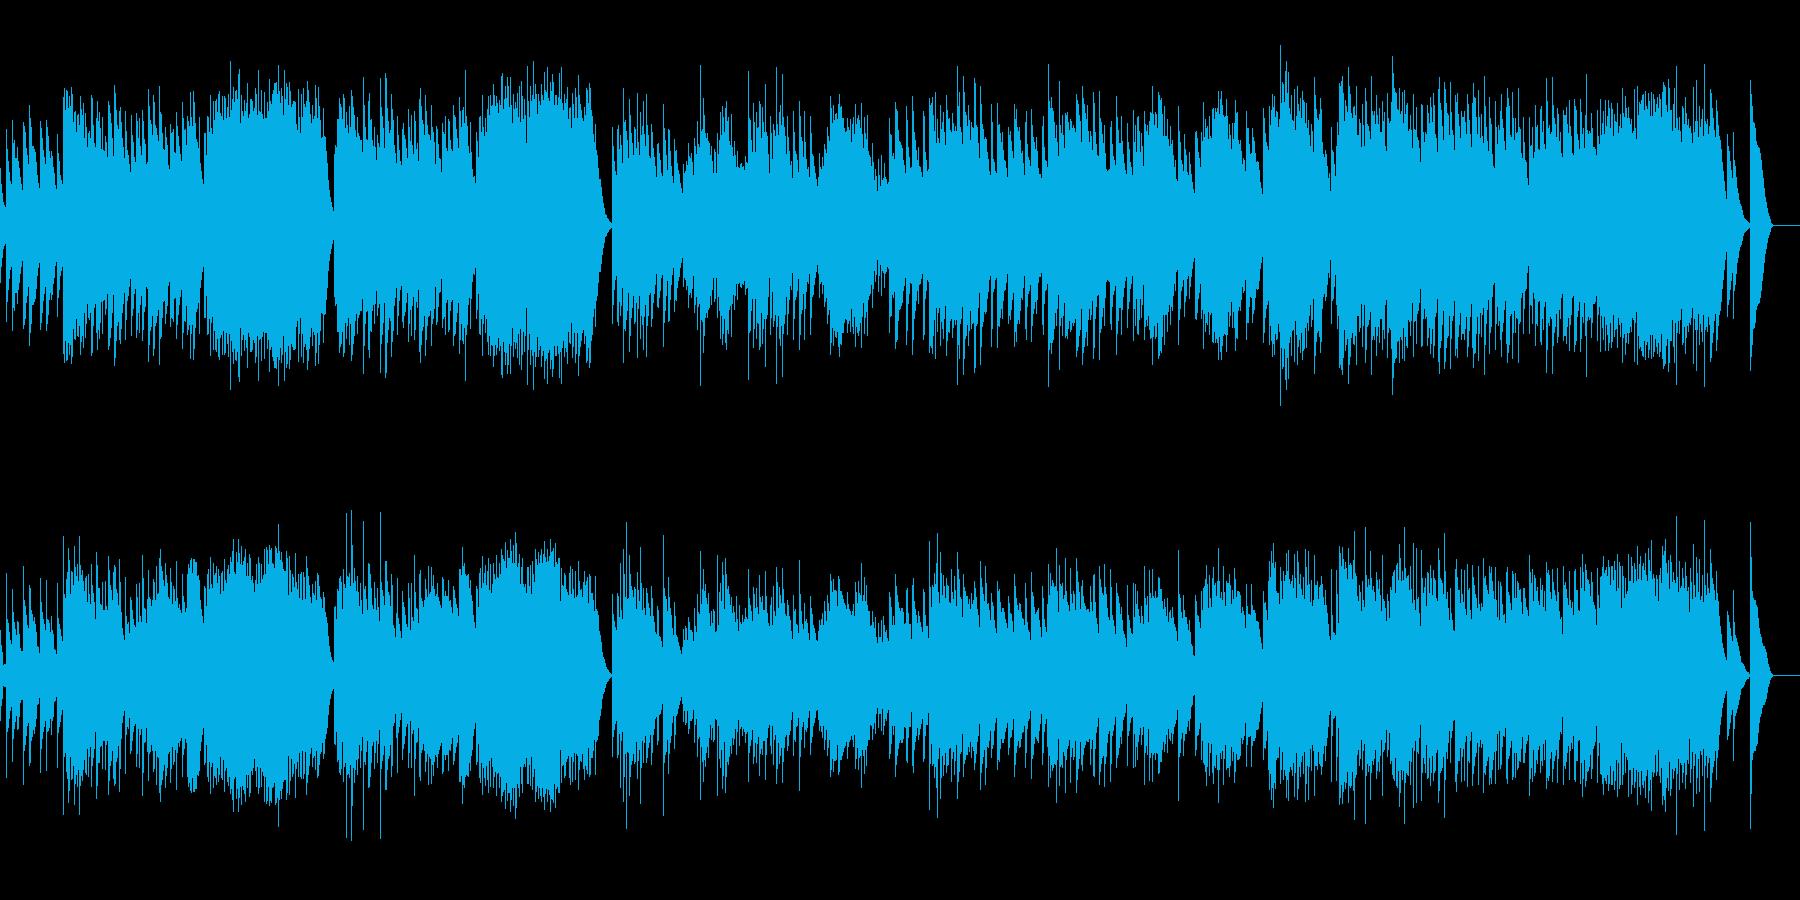 3. アニトラの踊り (オルゴール)の再生済みの波形